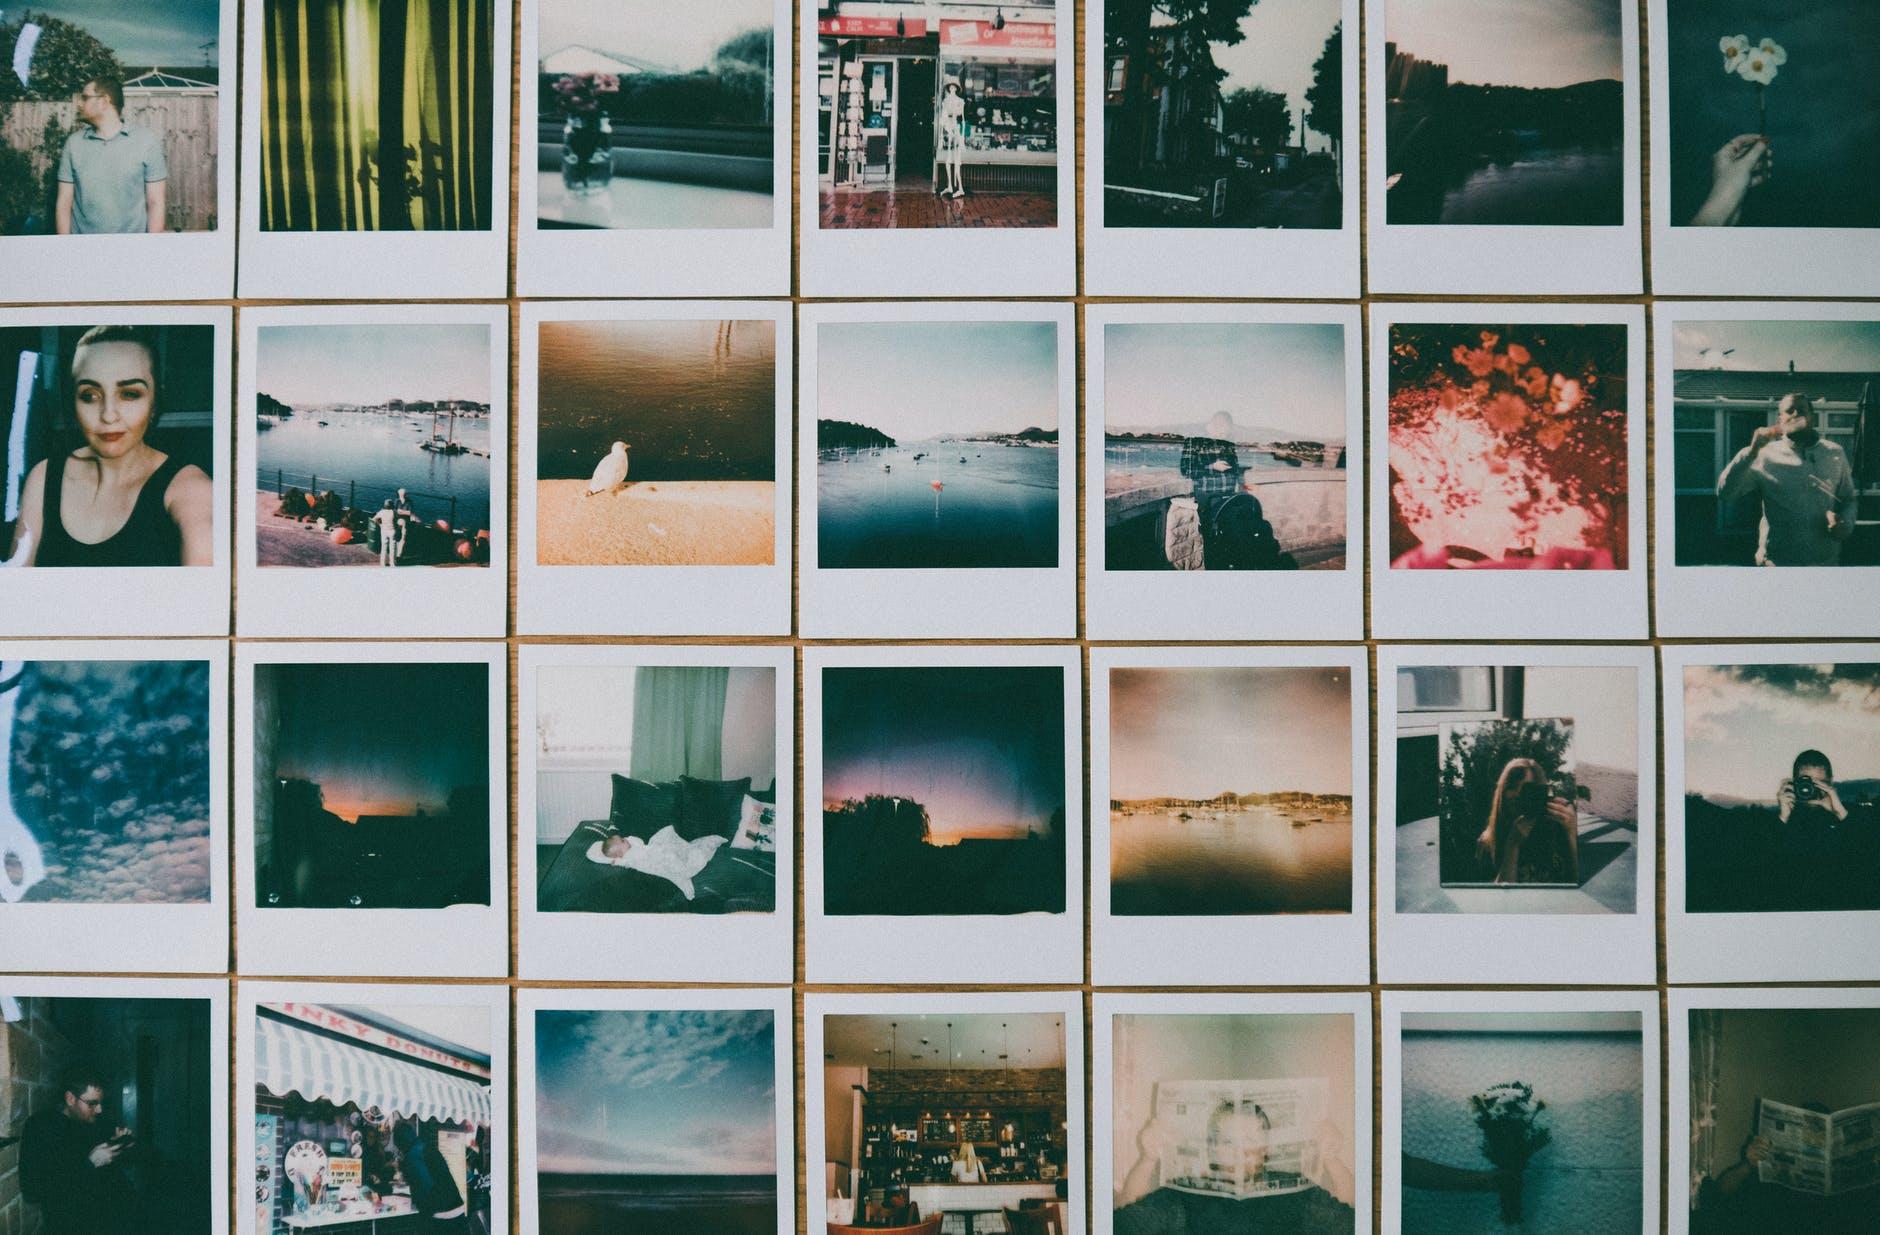 תמונות לרכישה